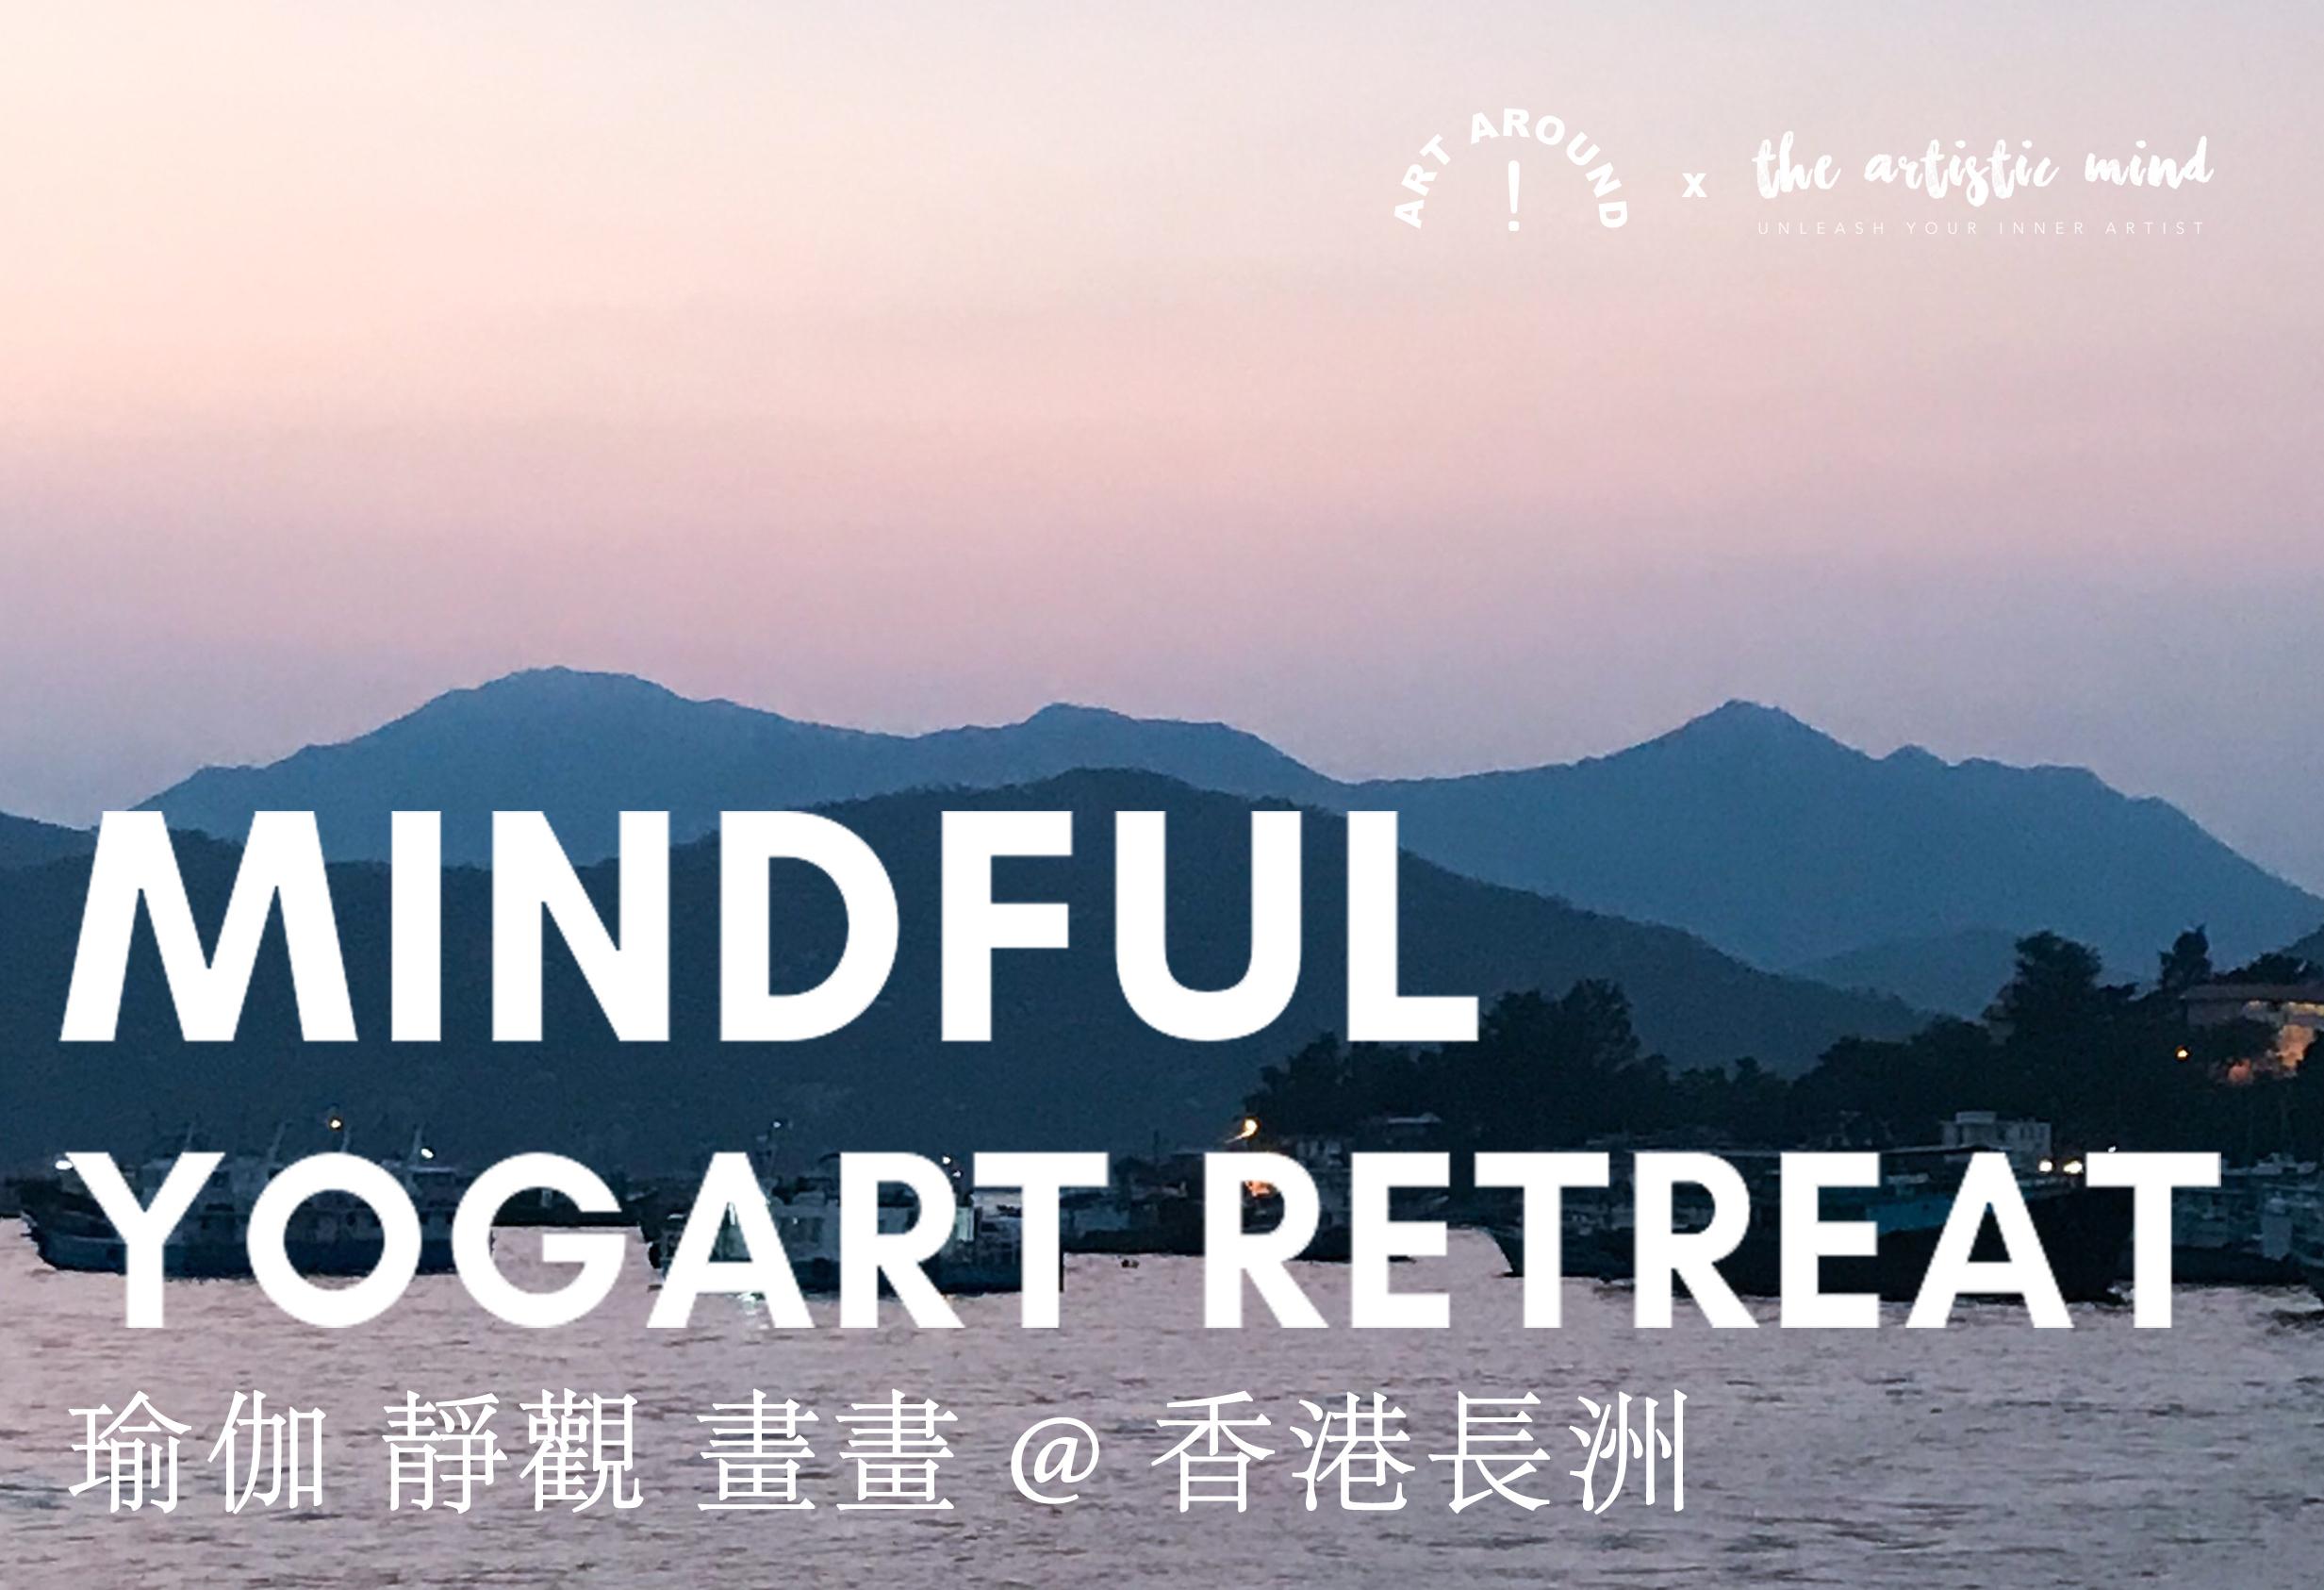 Mindful YogArt Retreat 瑜伽 靜觀 畫畫@香港長洲